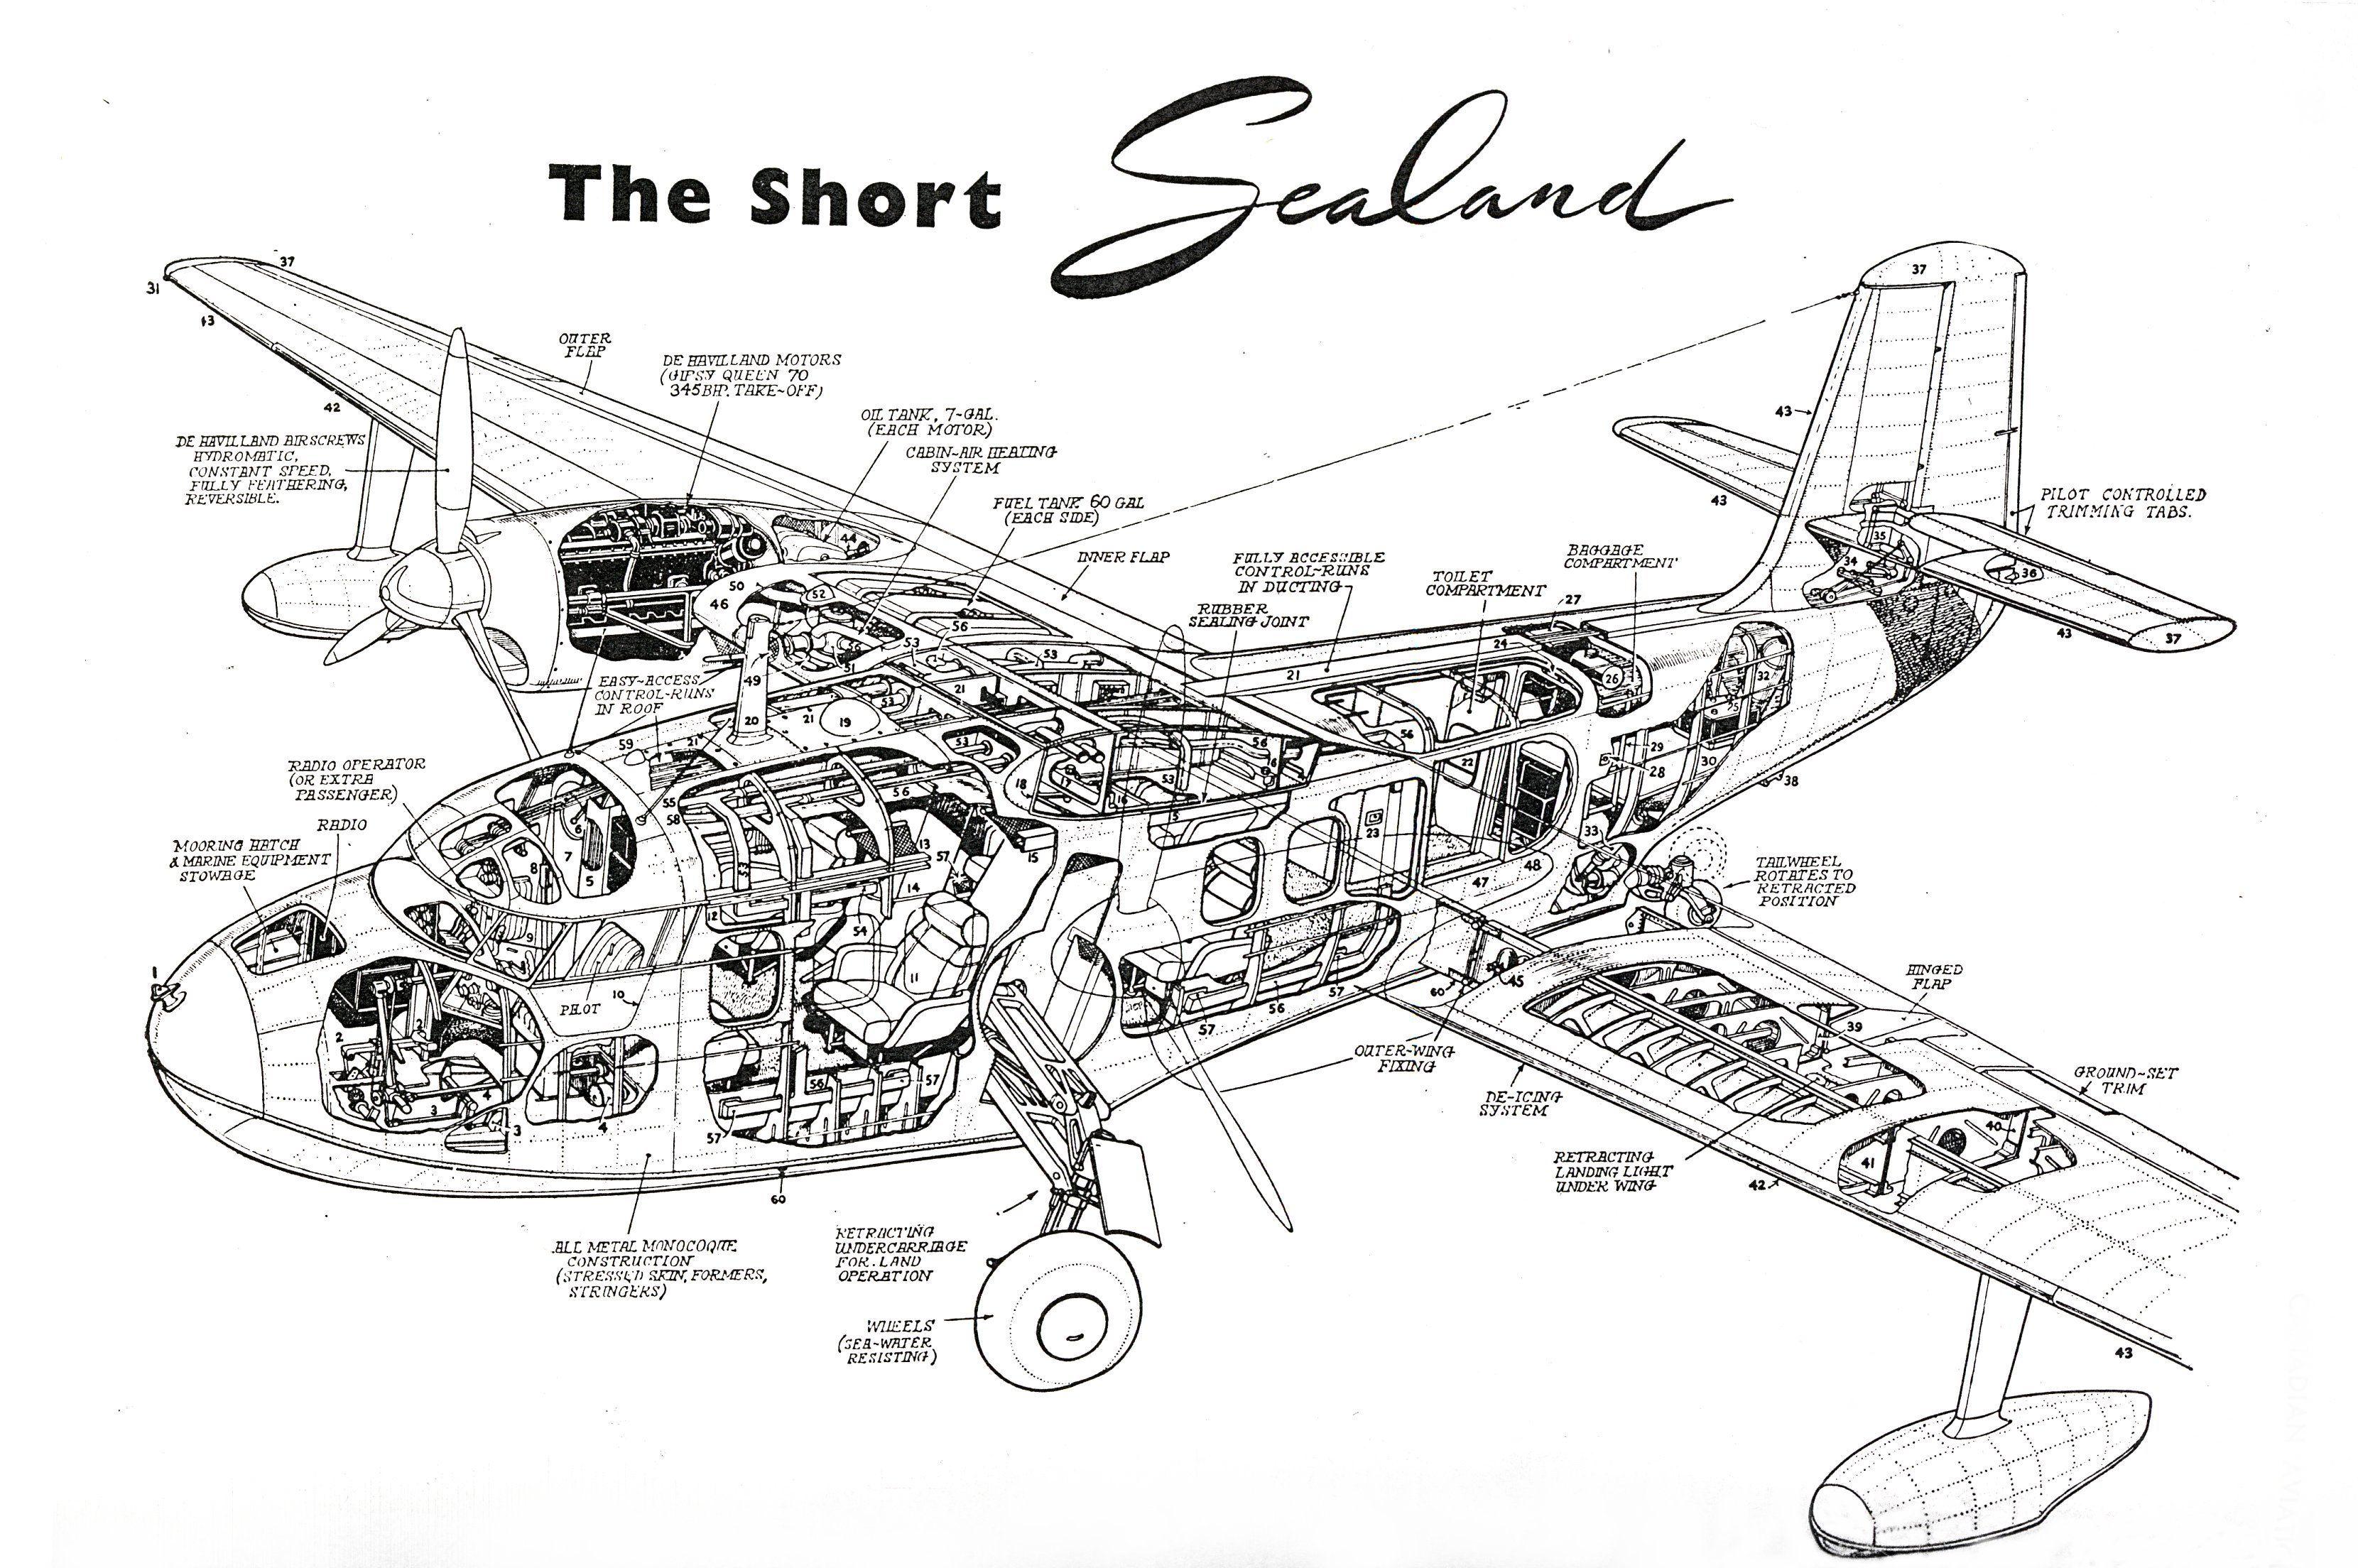 Short Sa 6 Sealand Cutaway